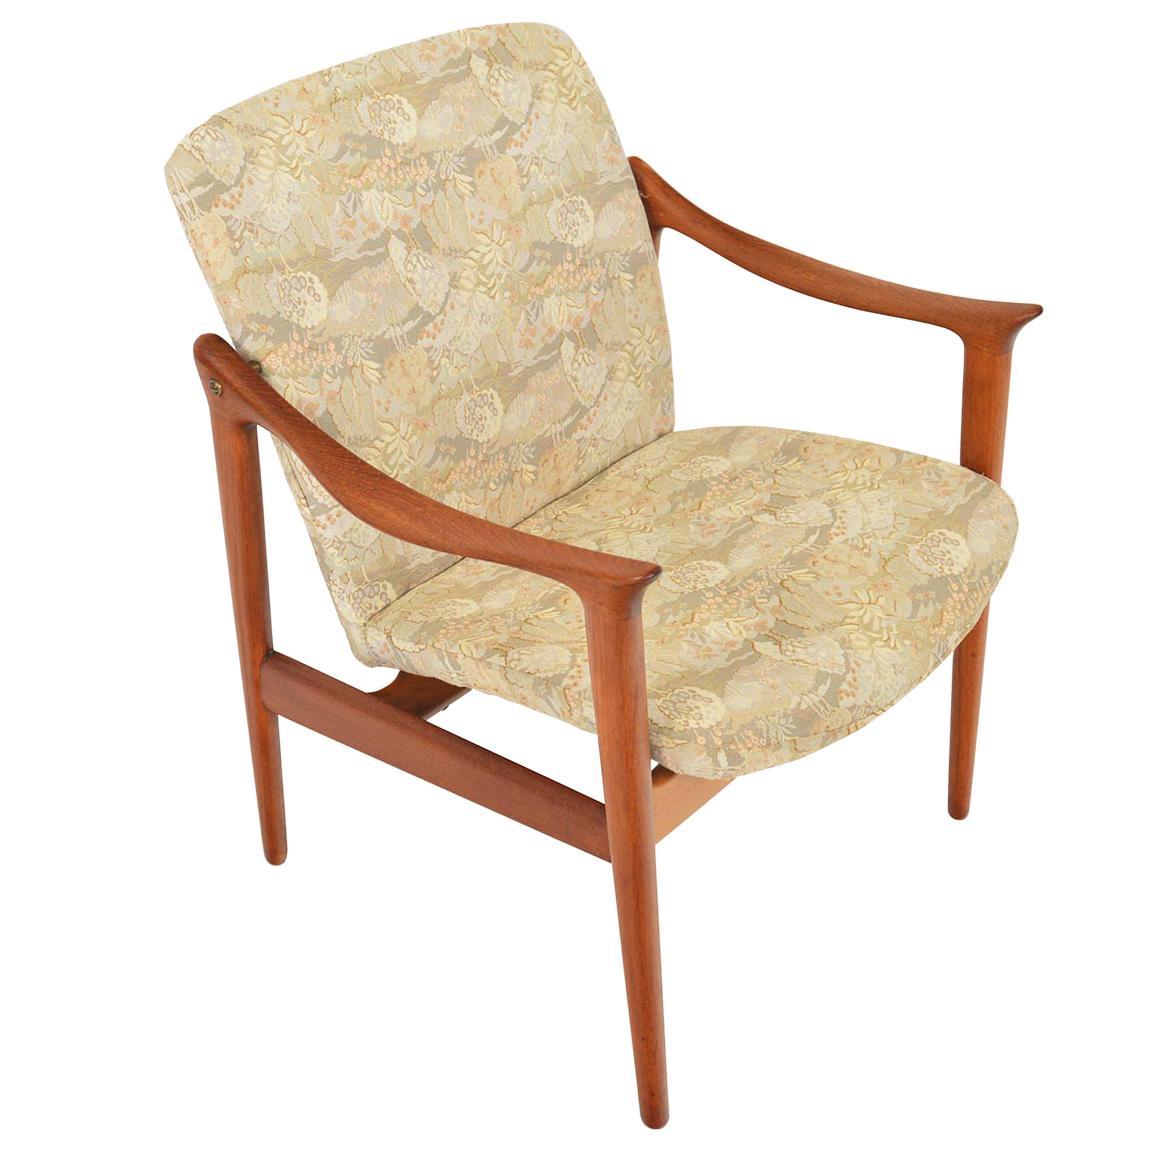 Fredrik Kayser Norwegian Teak Lounge Chair, Produced by Vatne